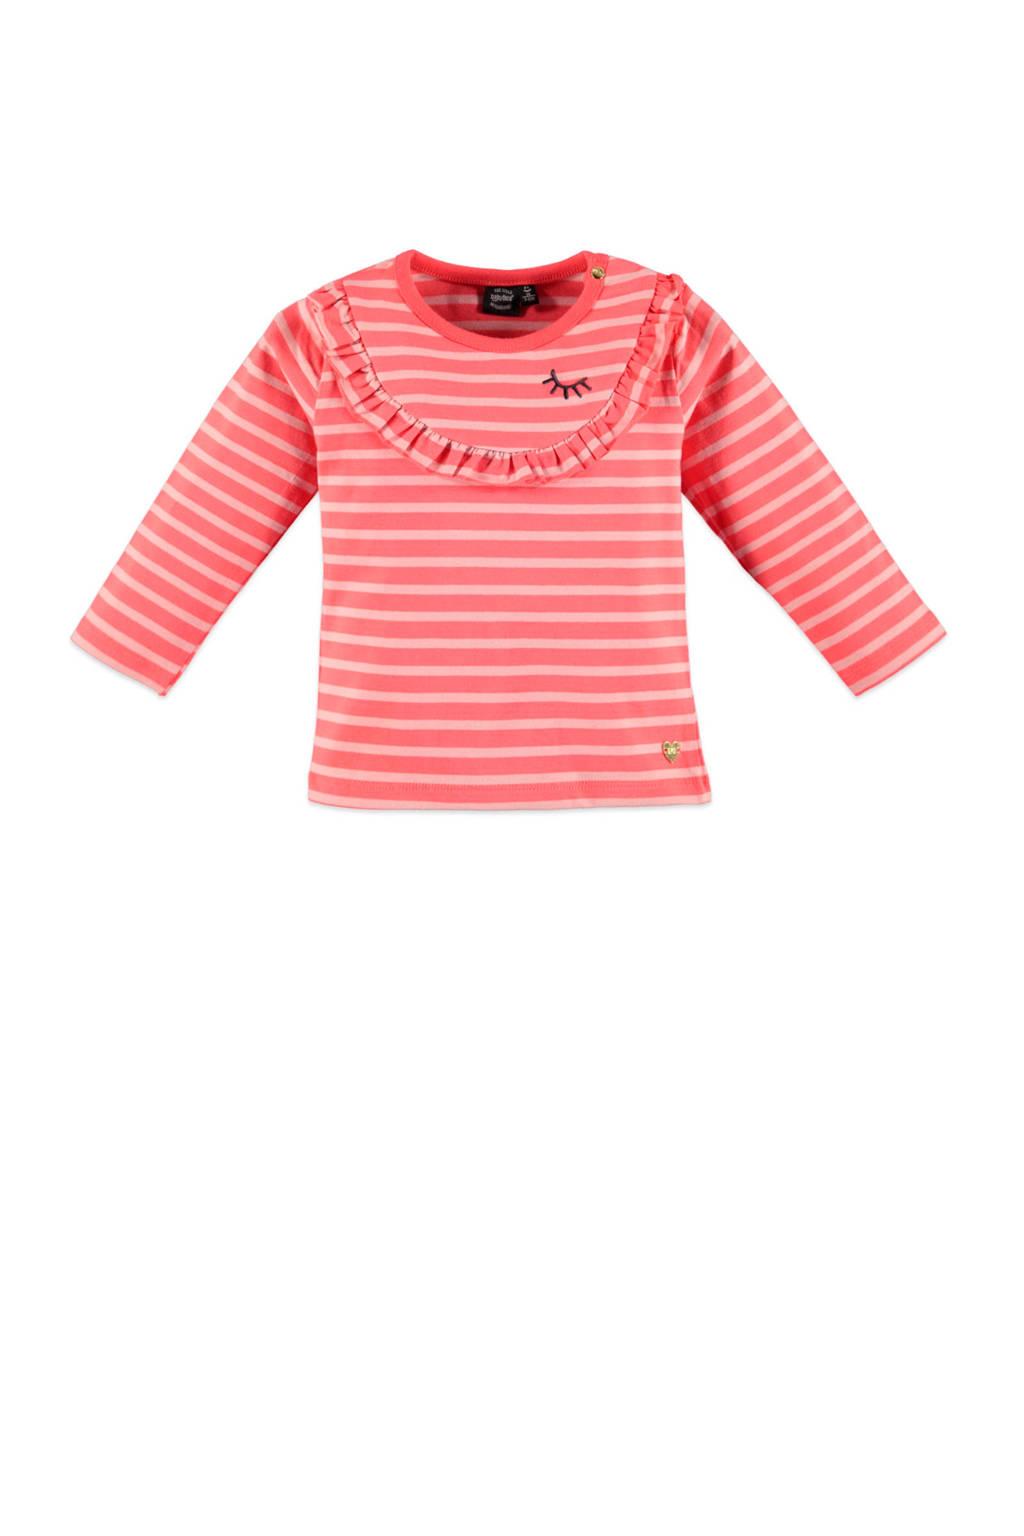 Babyface gestreepte longsleeve roze/lichtroze, Roze/lichtroze